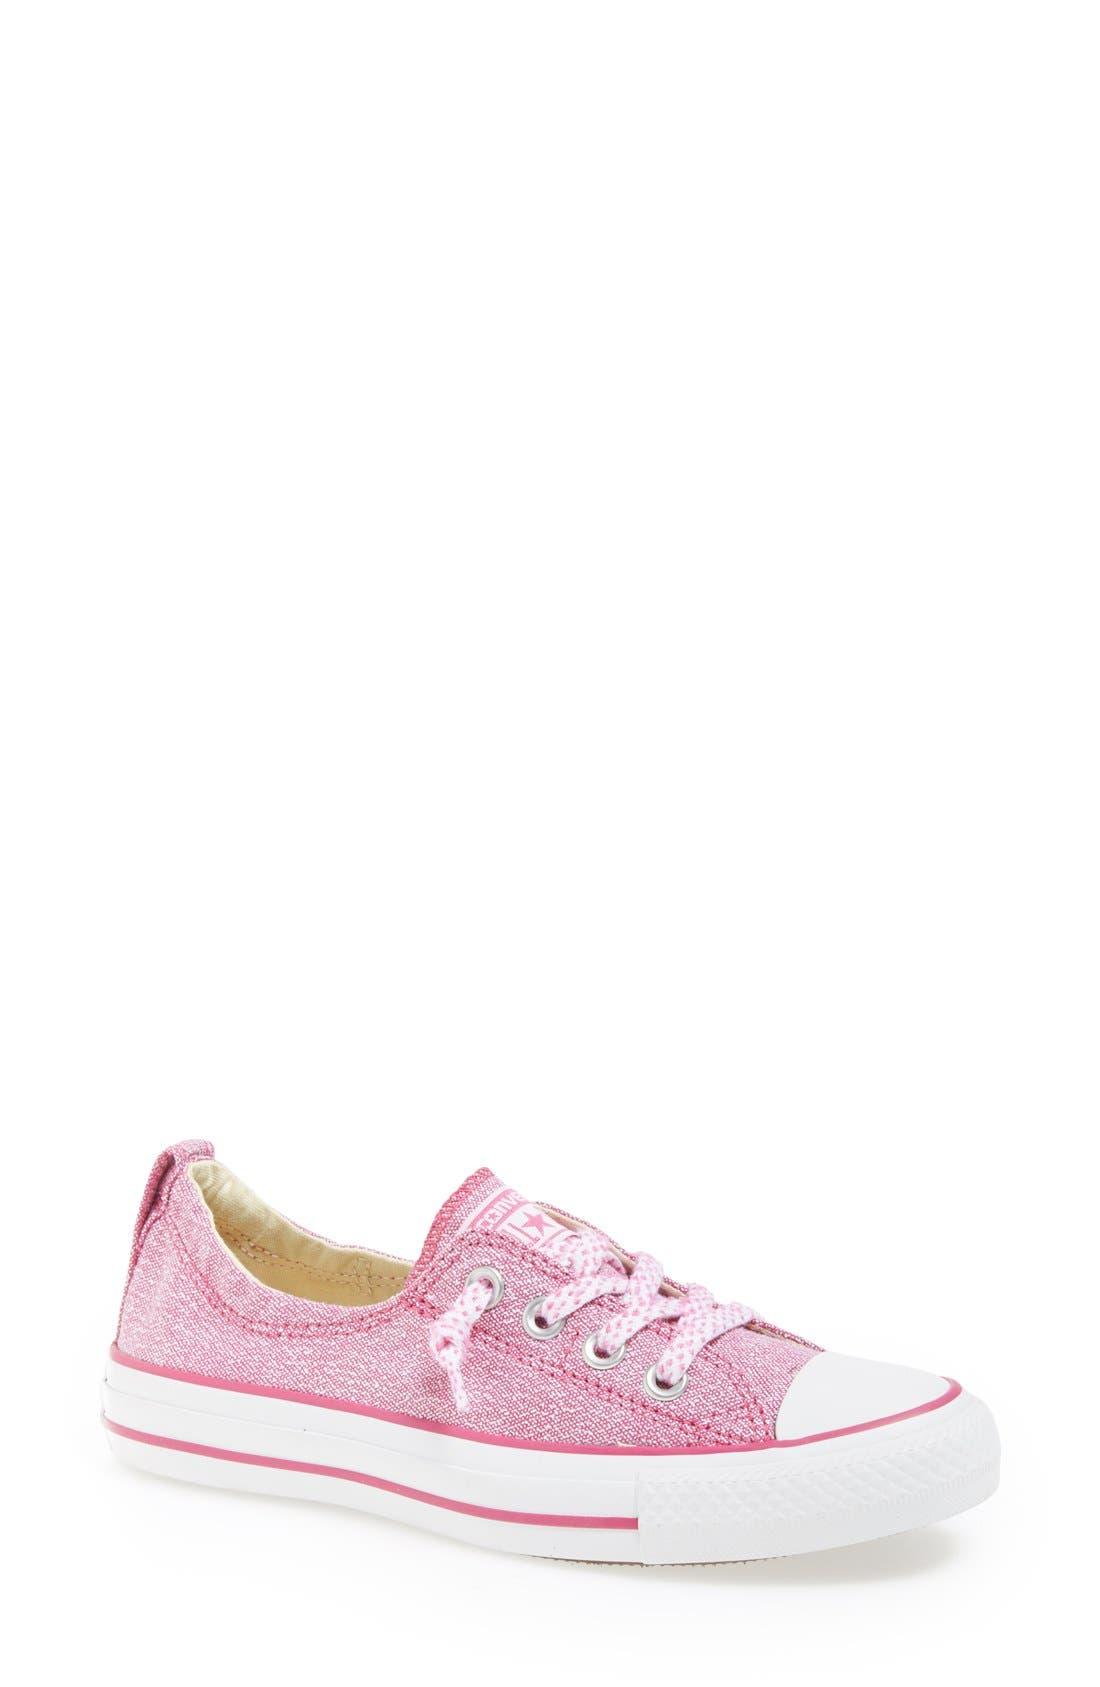 Main Image - Converse Chuck Taylor® 'Shoreline' Linen Sneaker (Women)